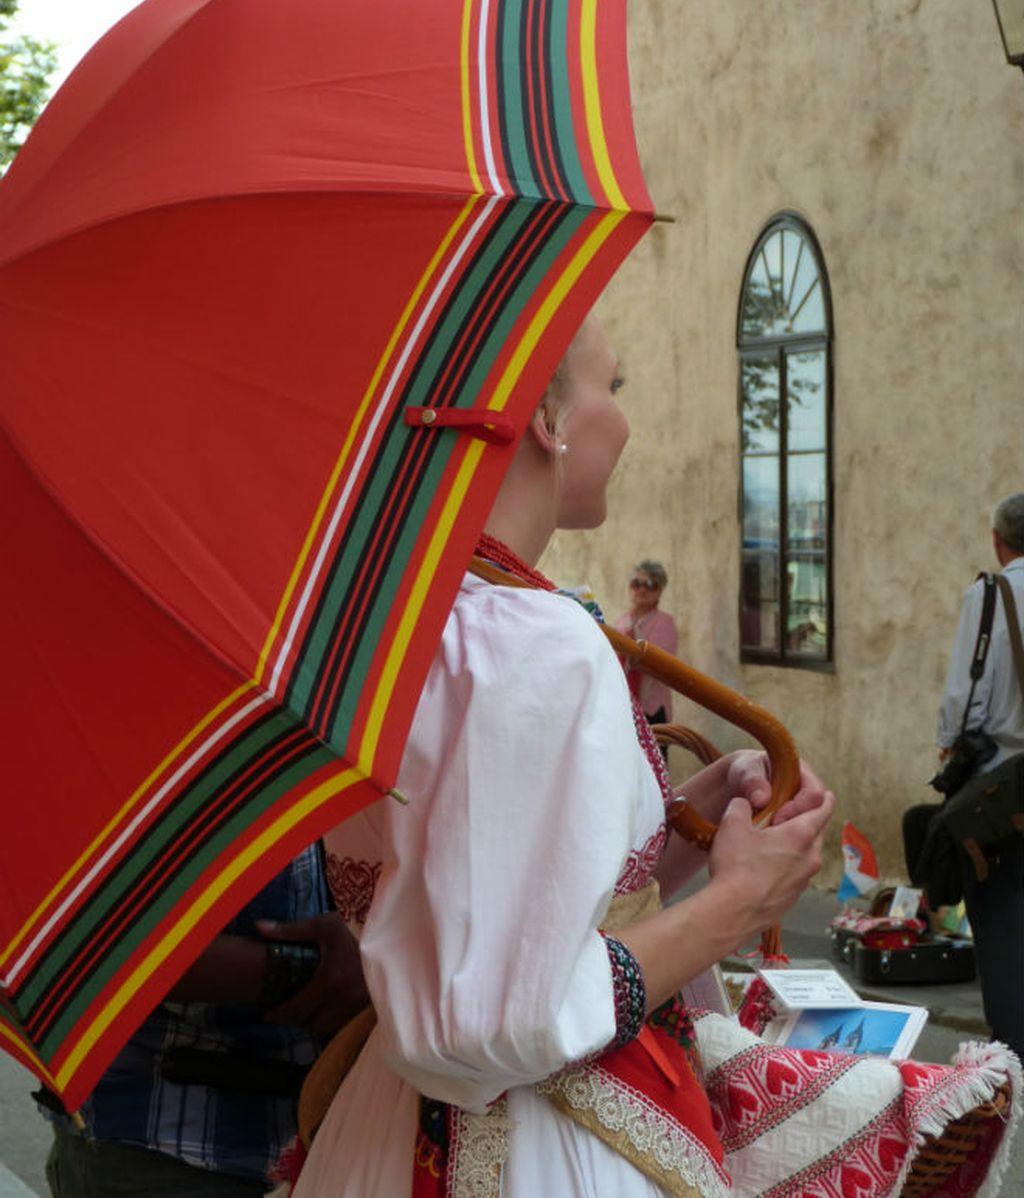 zagreb. chica con paraguas